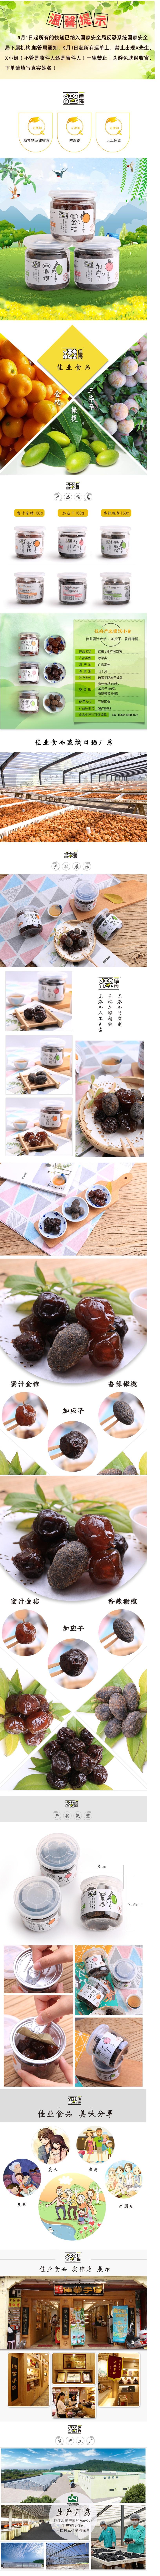 佳梅金桔橄榄加应子 水果干 孕妇零食 小吃休闲果脯蜜饯160g